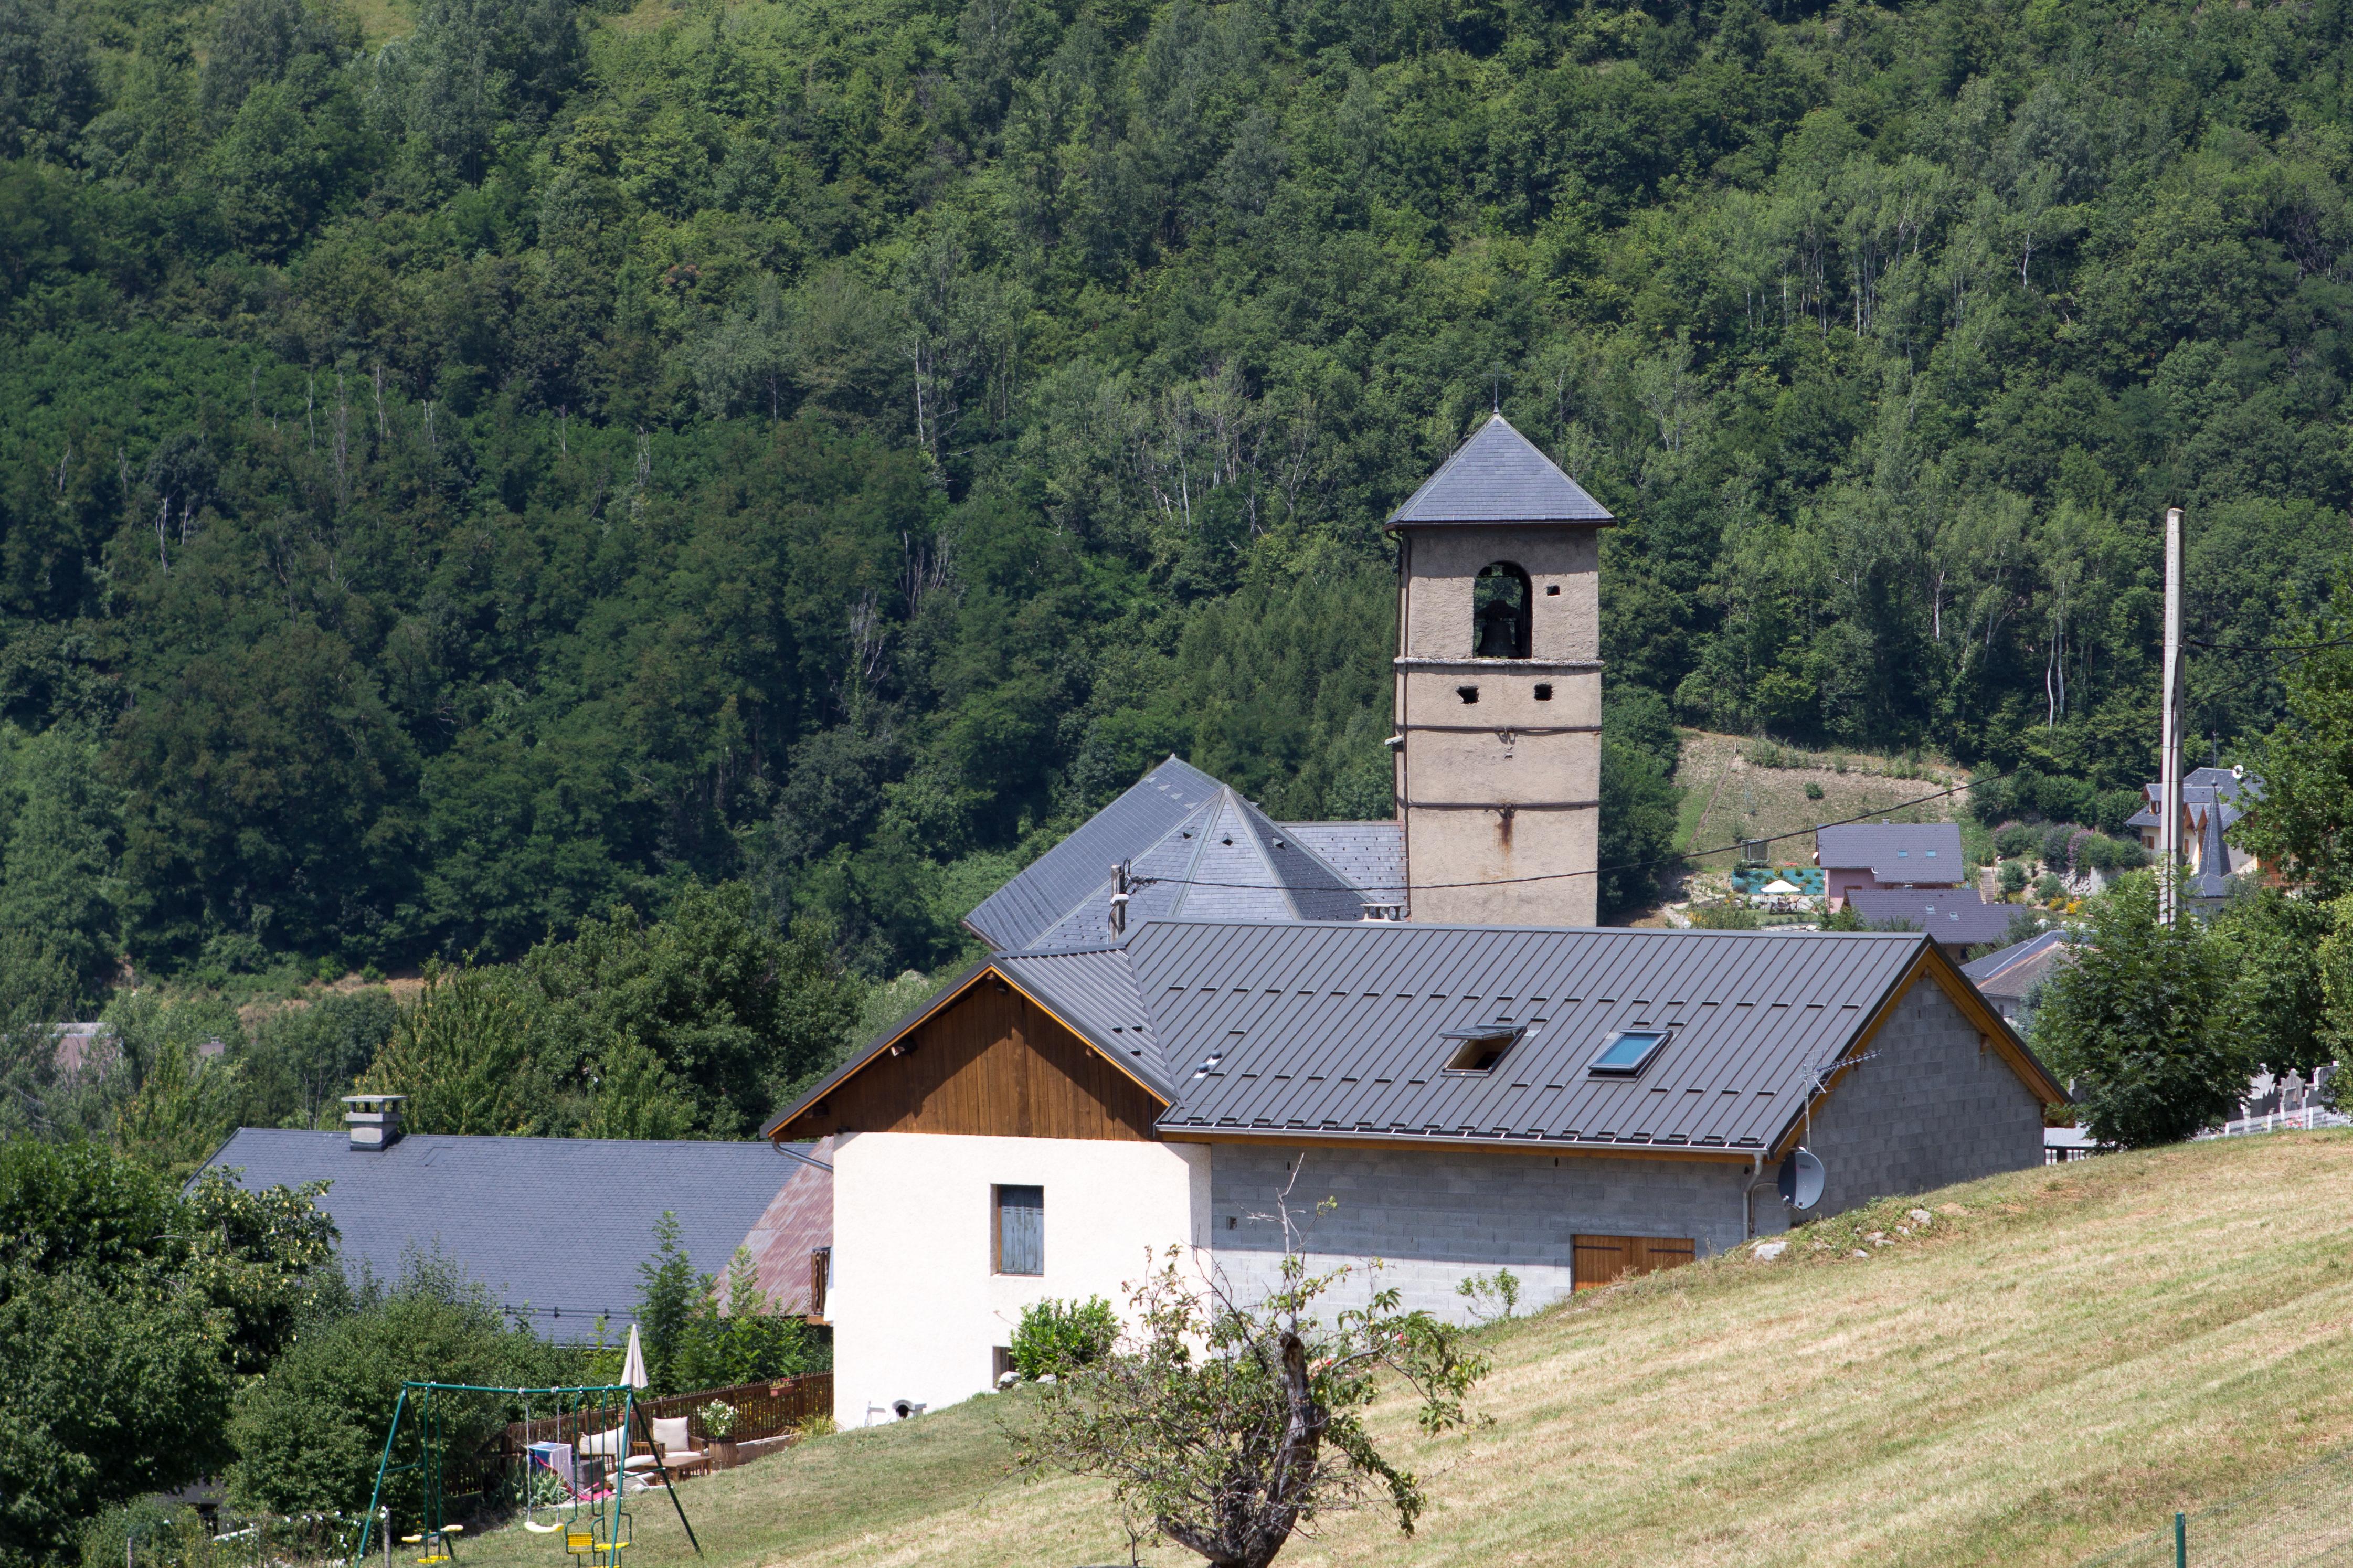 Saint-Martin-sur-la-Chambre